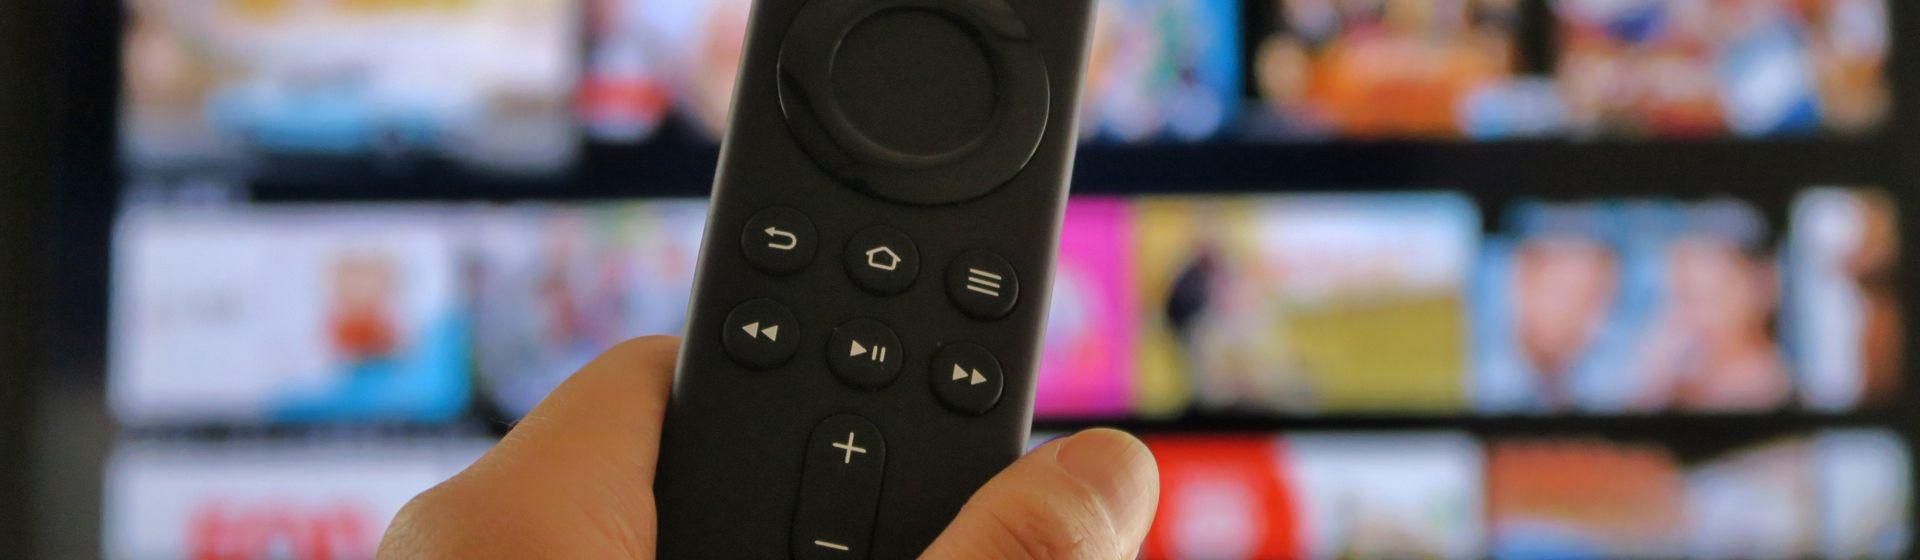 Aplicativo para TV Box: conheça apps diferentes